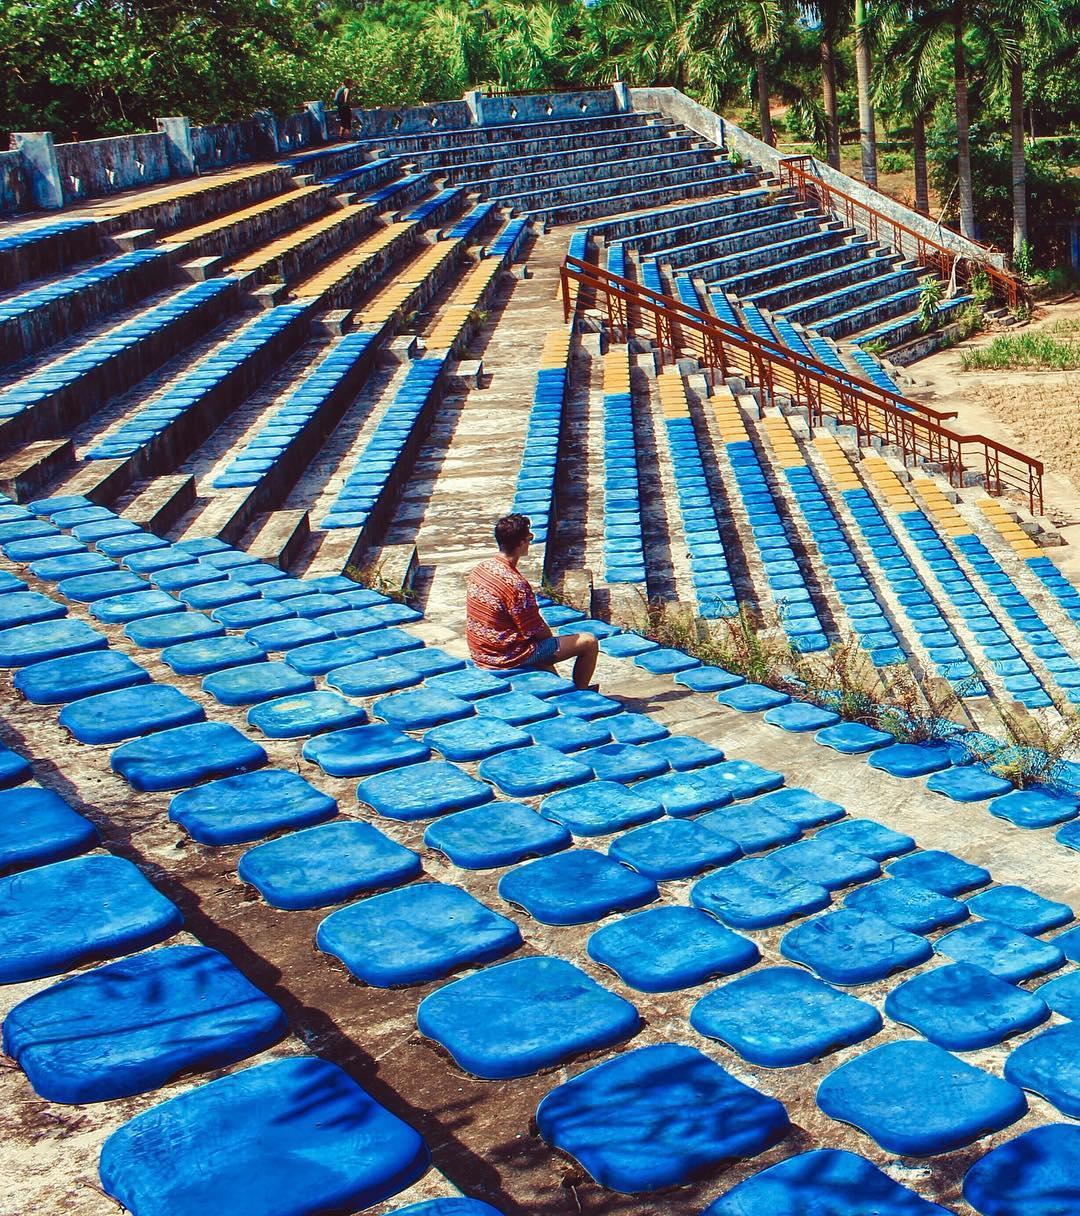 5 công trình bị bỏ hoang tại Việt Nam, muốn có những bức ảnh kì bí hết cả hồn thì nhất định phải đến! - Hình 29